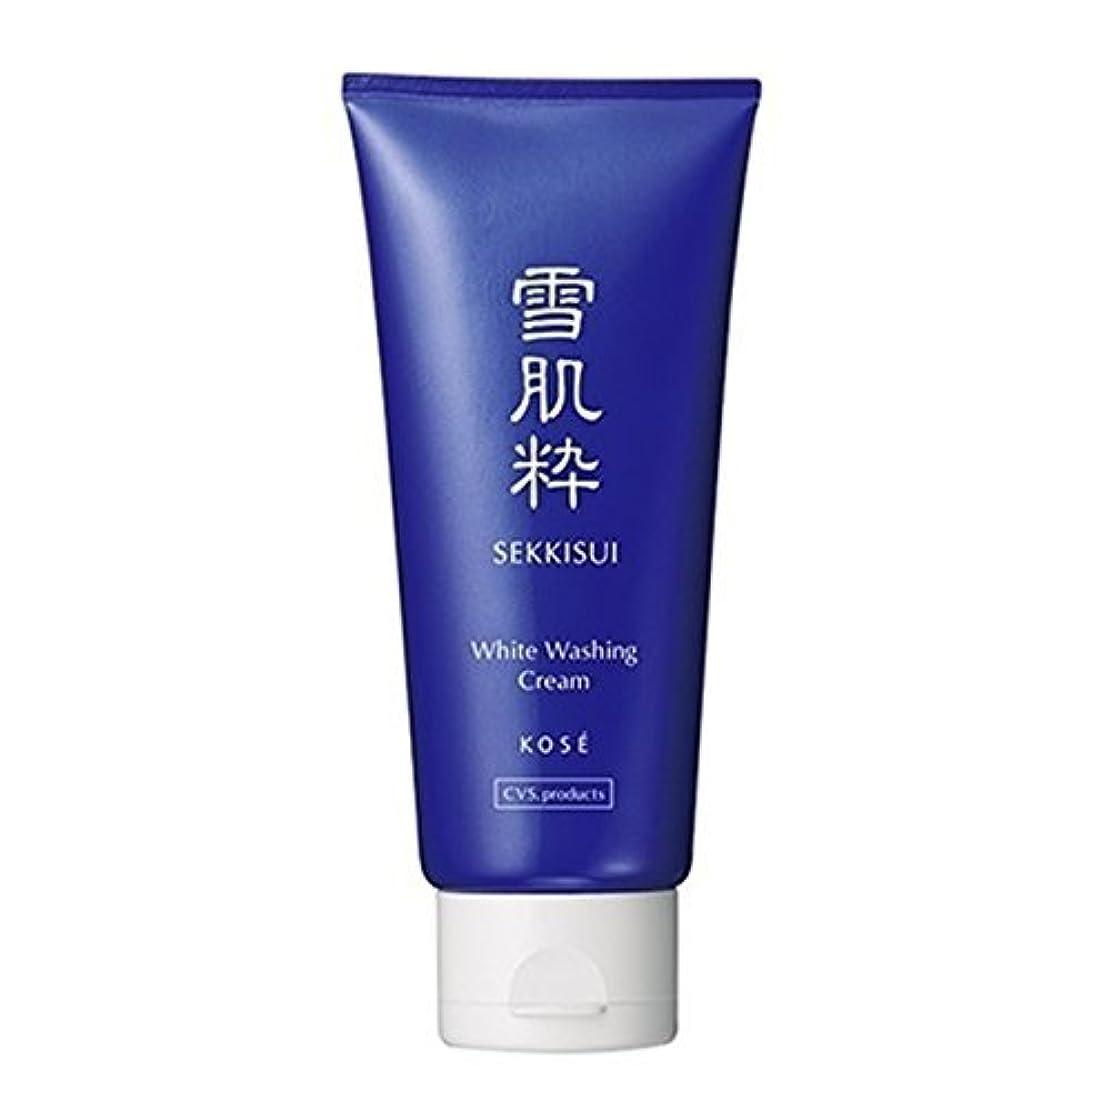 つかの間連帯説得力のあるコーセー 雪肌粋 ホワイト洗顔クリーム Kose Sekkisui White Washing Cream 80g×3本